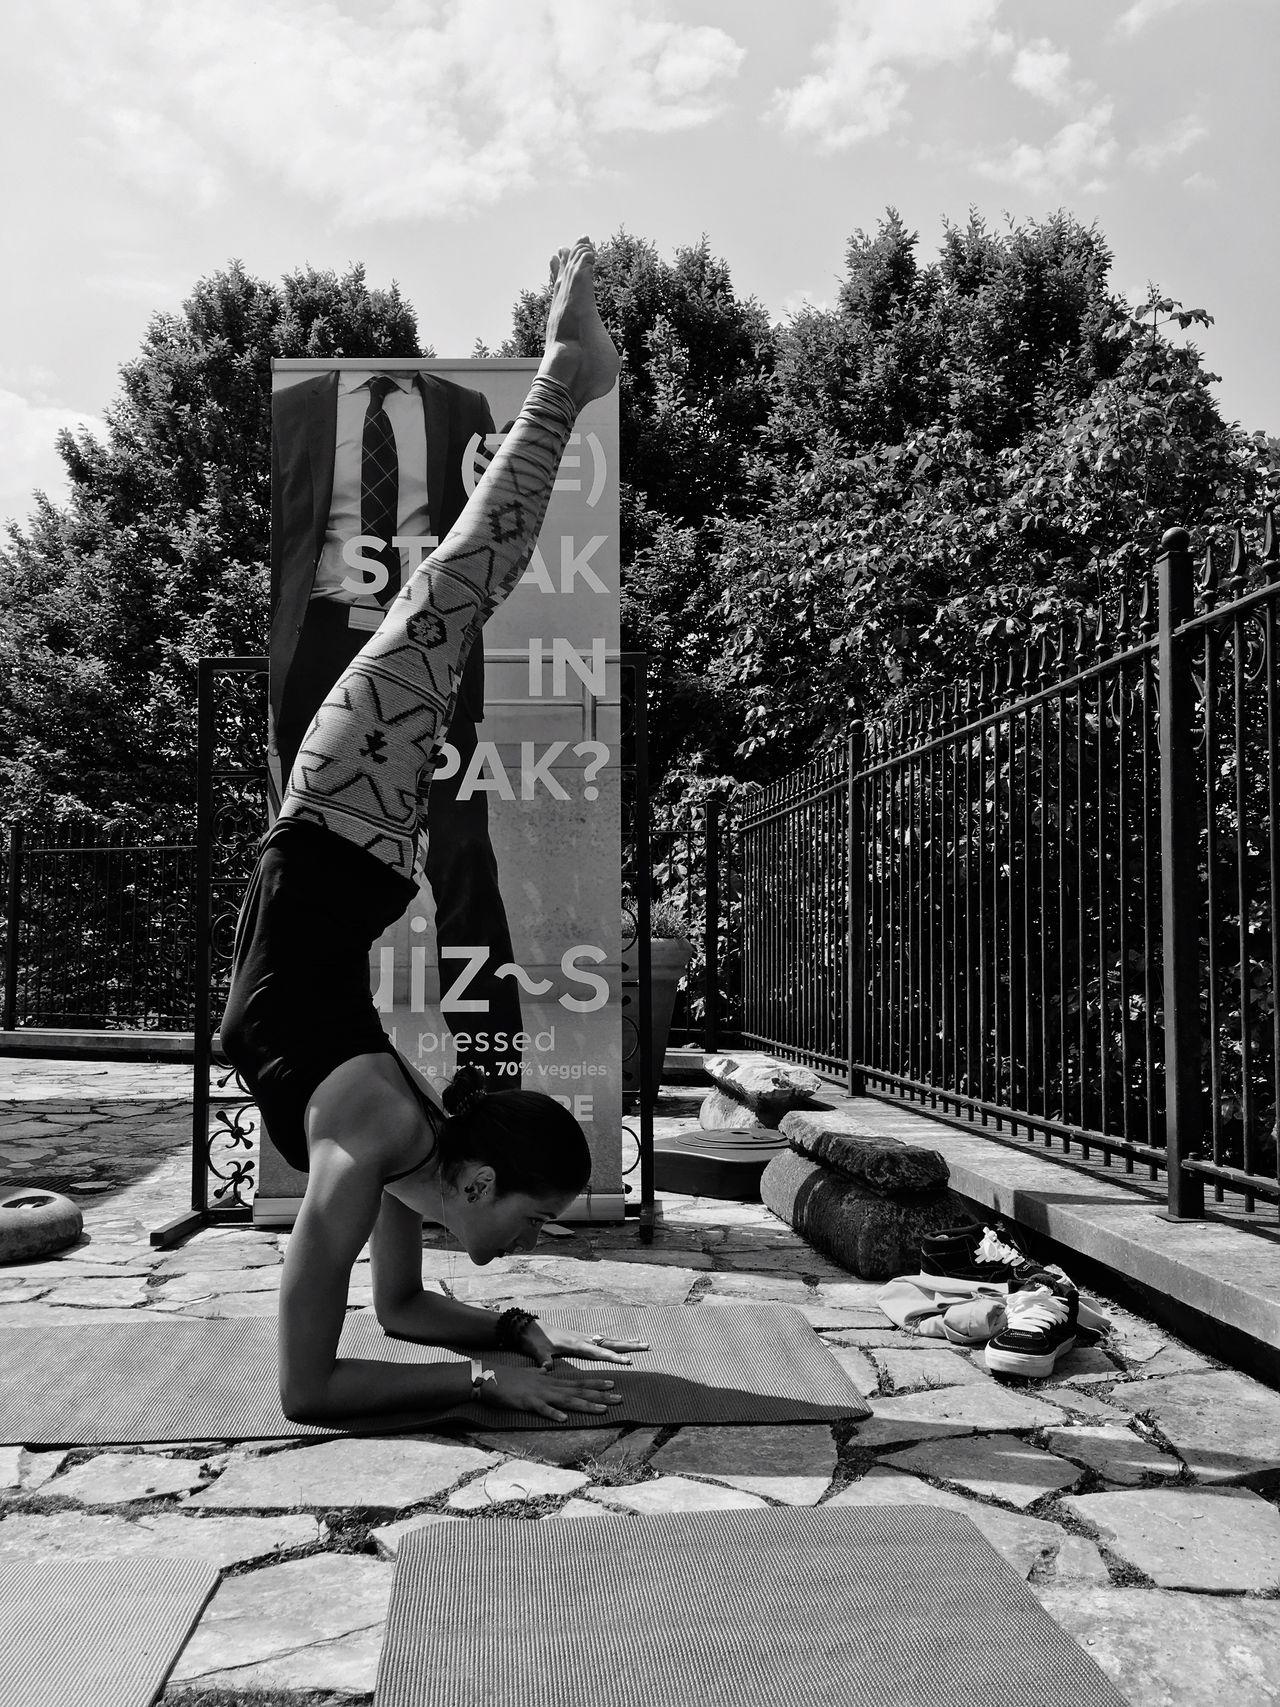 Juisz Yoga Healty Fest